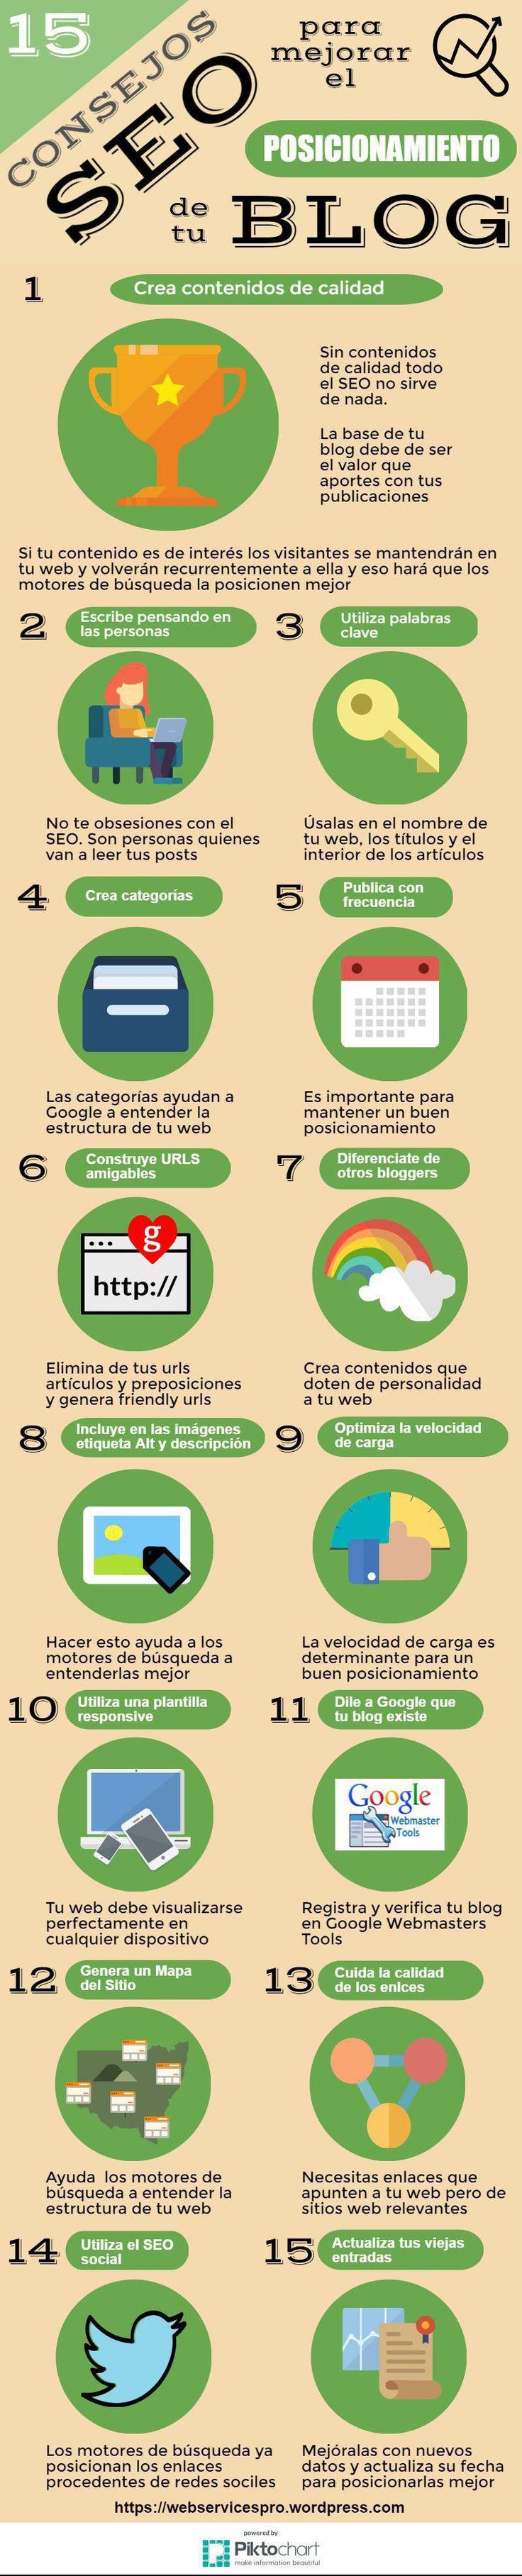 15 consejos SEO para posicionar tu Blog #infografia